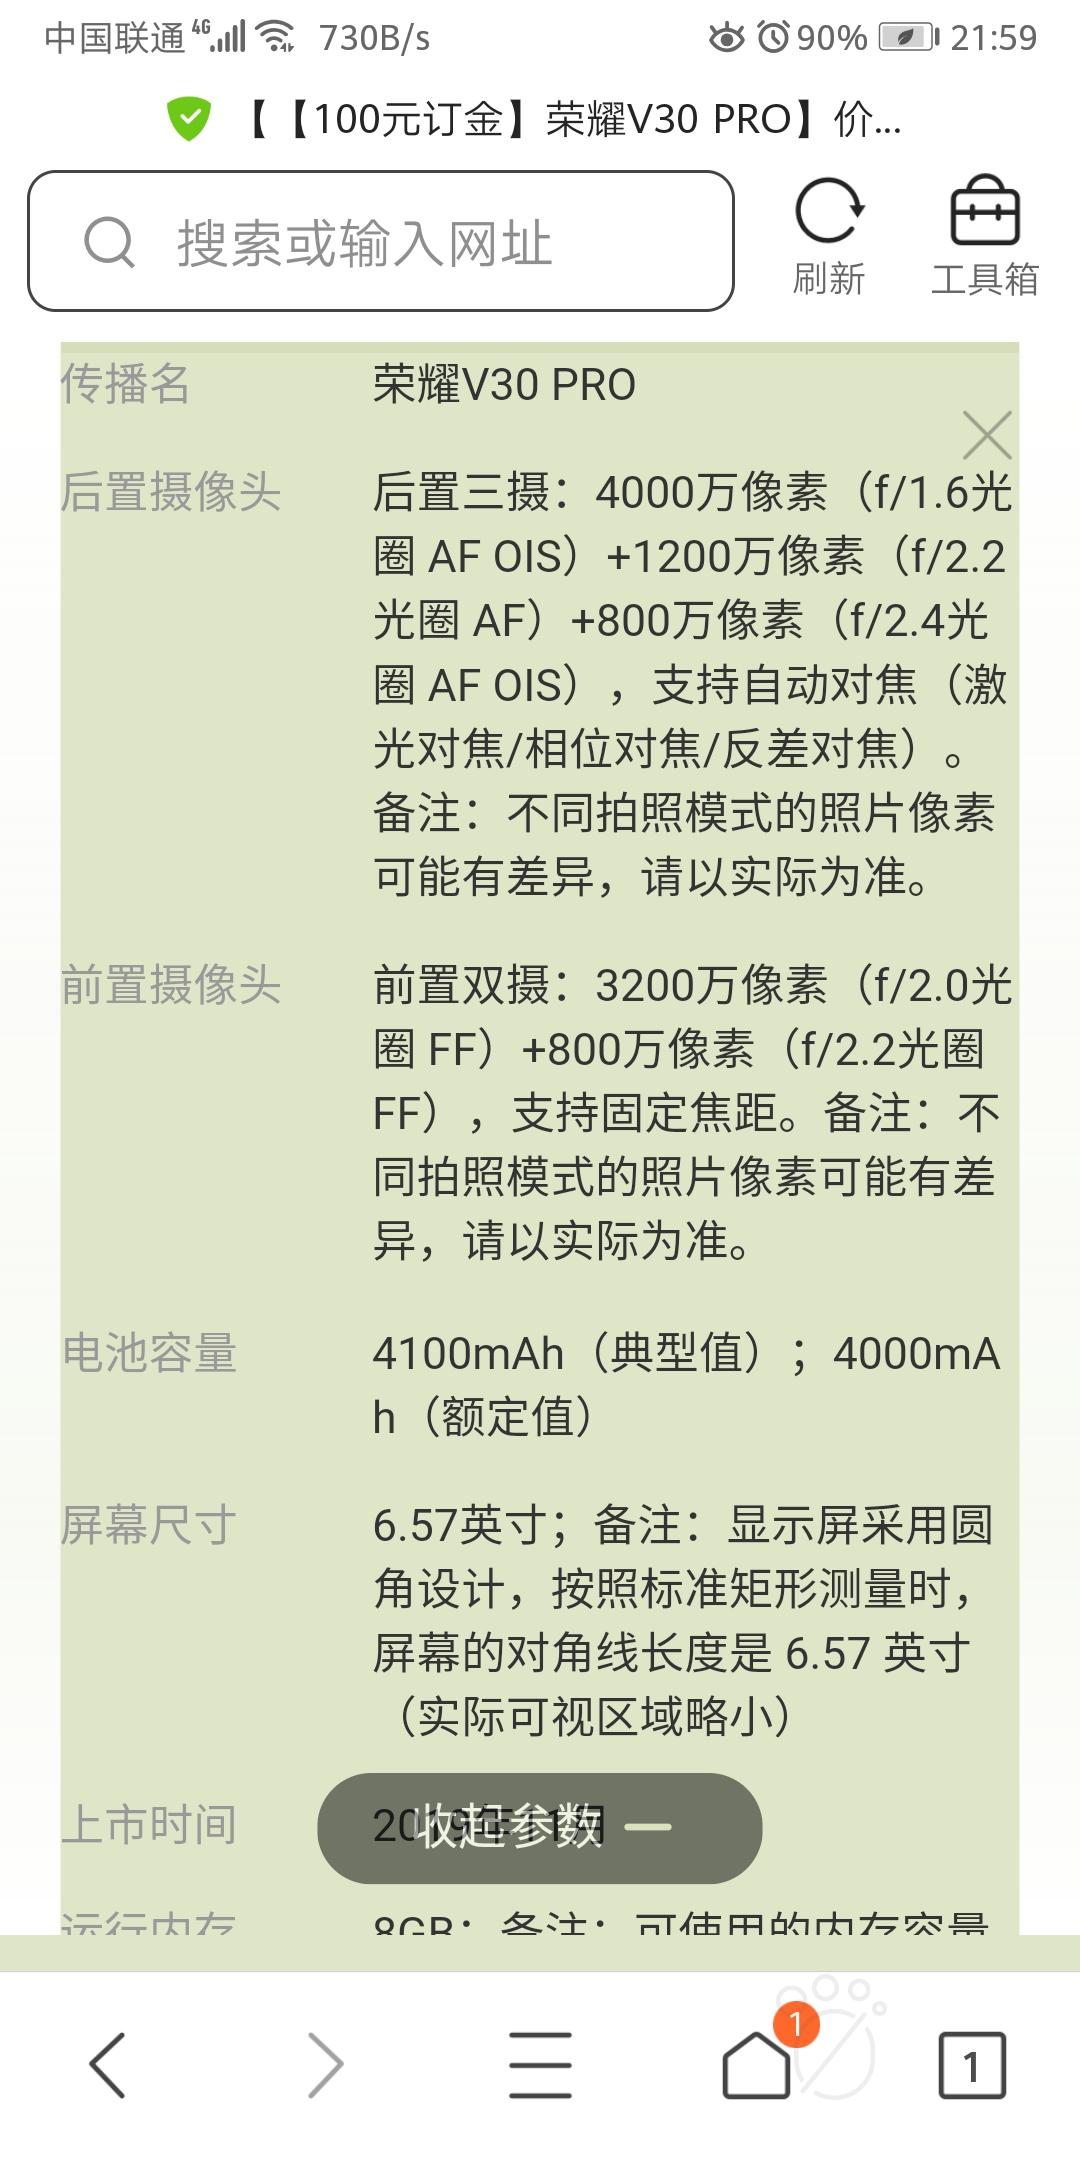 Screenshot_20191126_215947_com.tencent.mtt.jpg